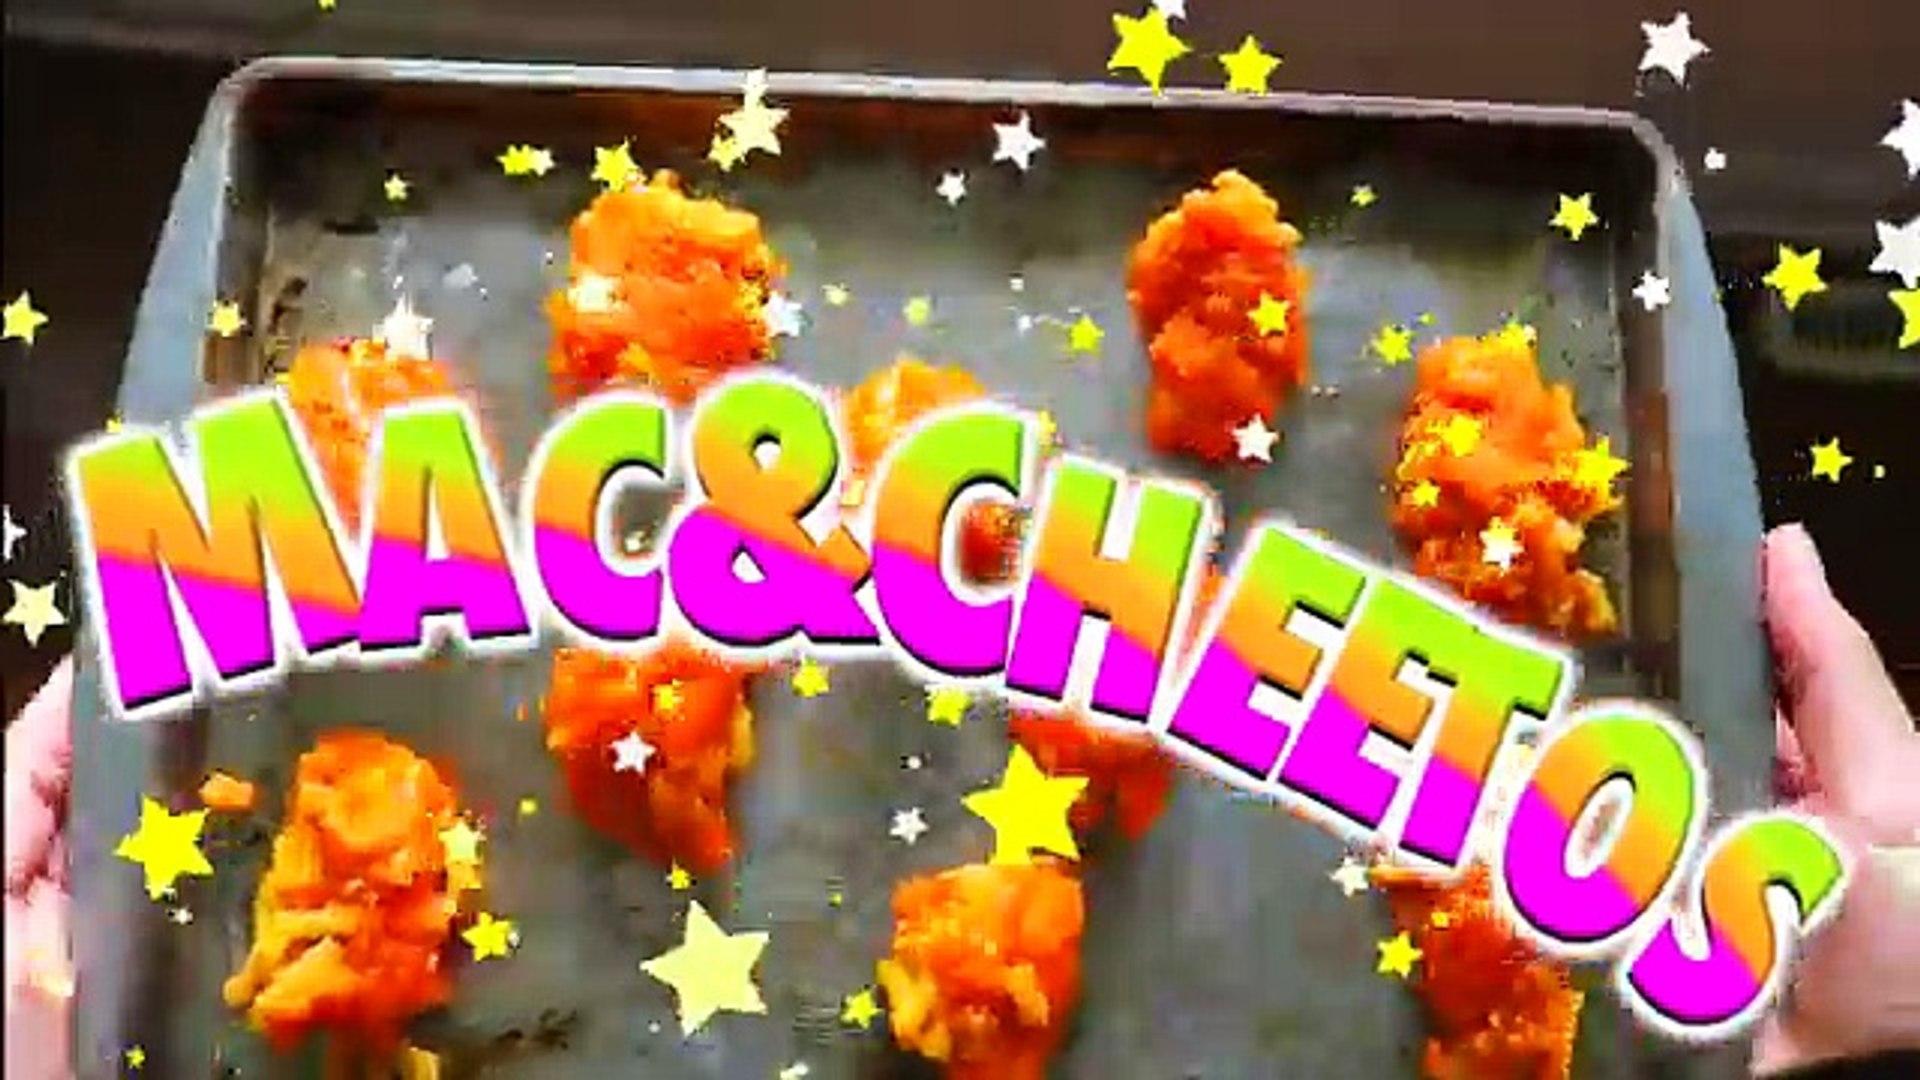 TASTING BURGER KINGS MAC N CHEETOS! DIY Mac and Cheetos! DIY Burger King Mac and Cheetos